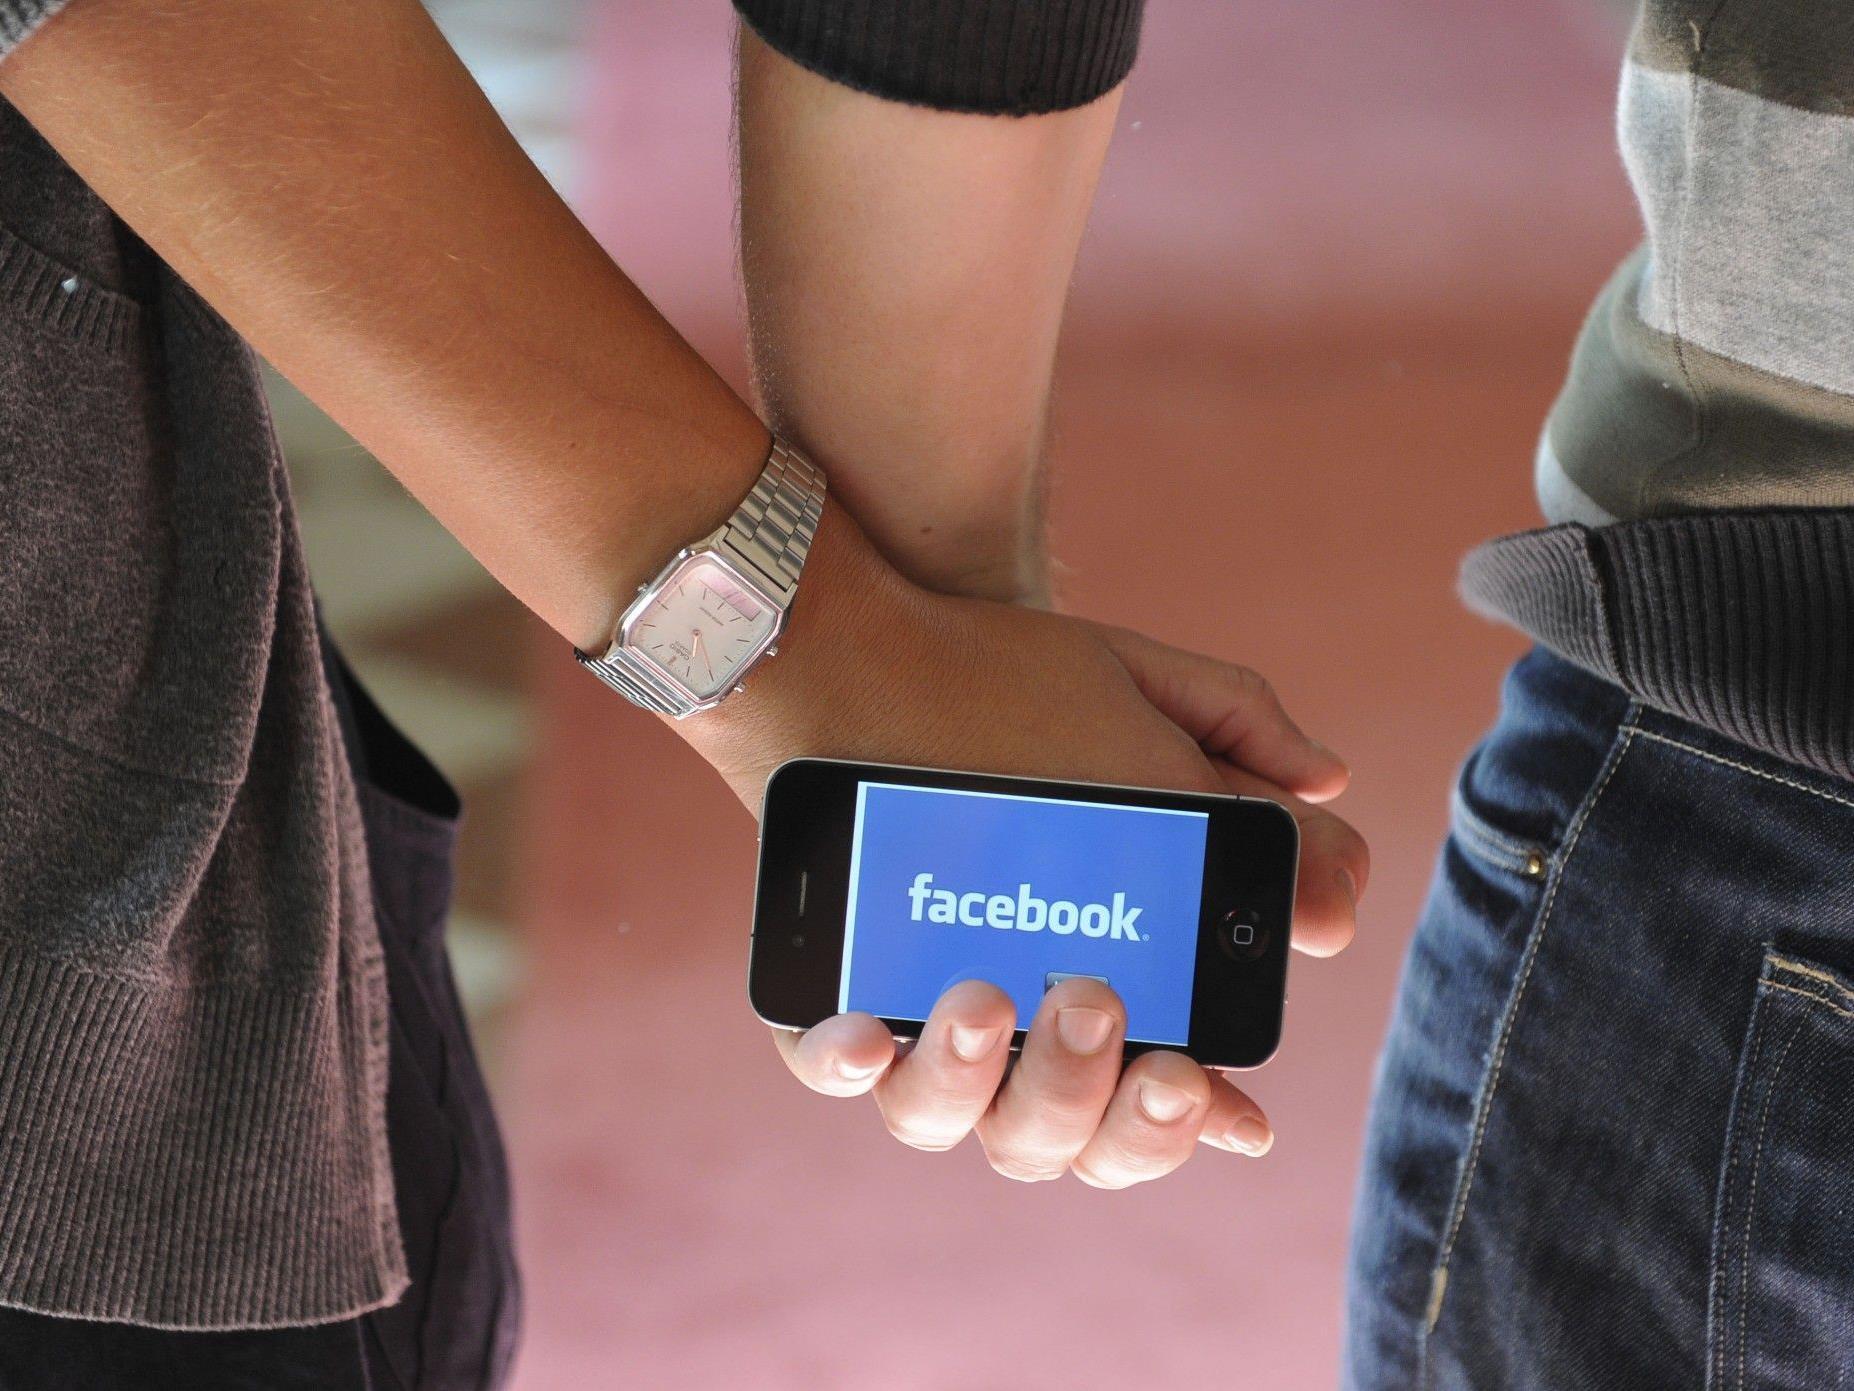 Facebook: Allein im Juni meldeten sich 102 Mio. Nutzer ausschließlich mit mobilen Geräten an.